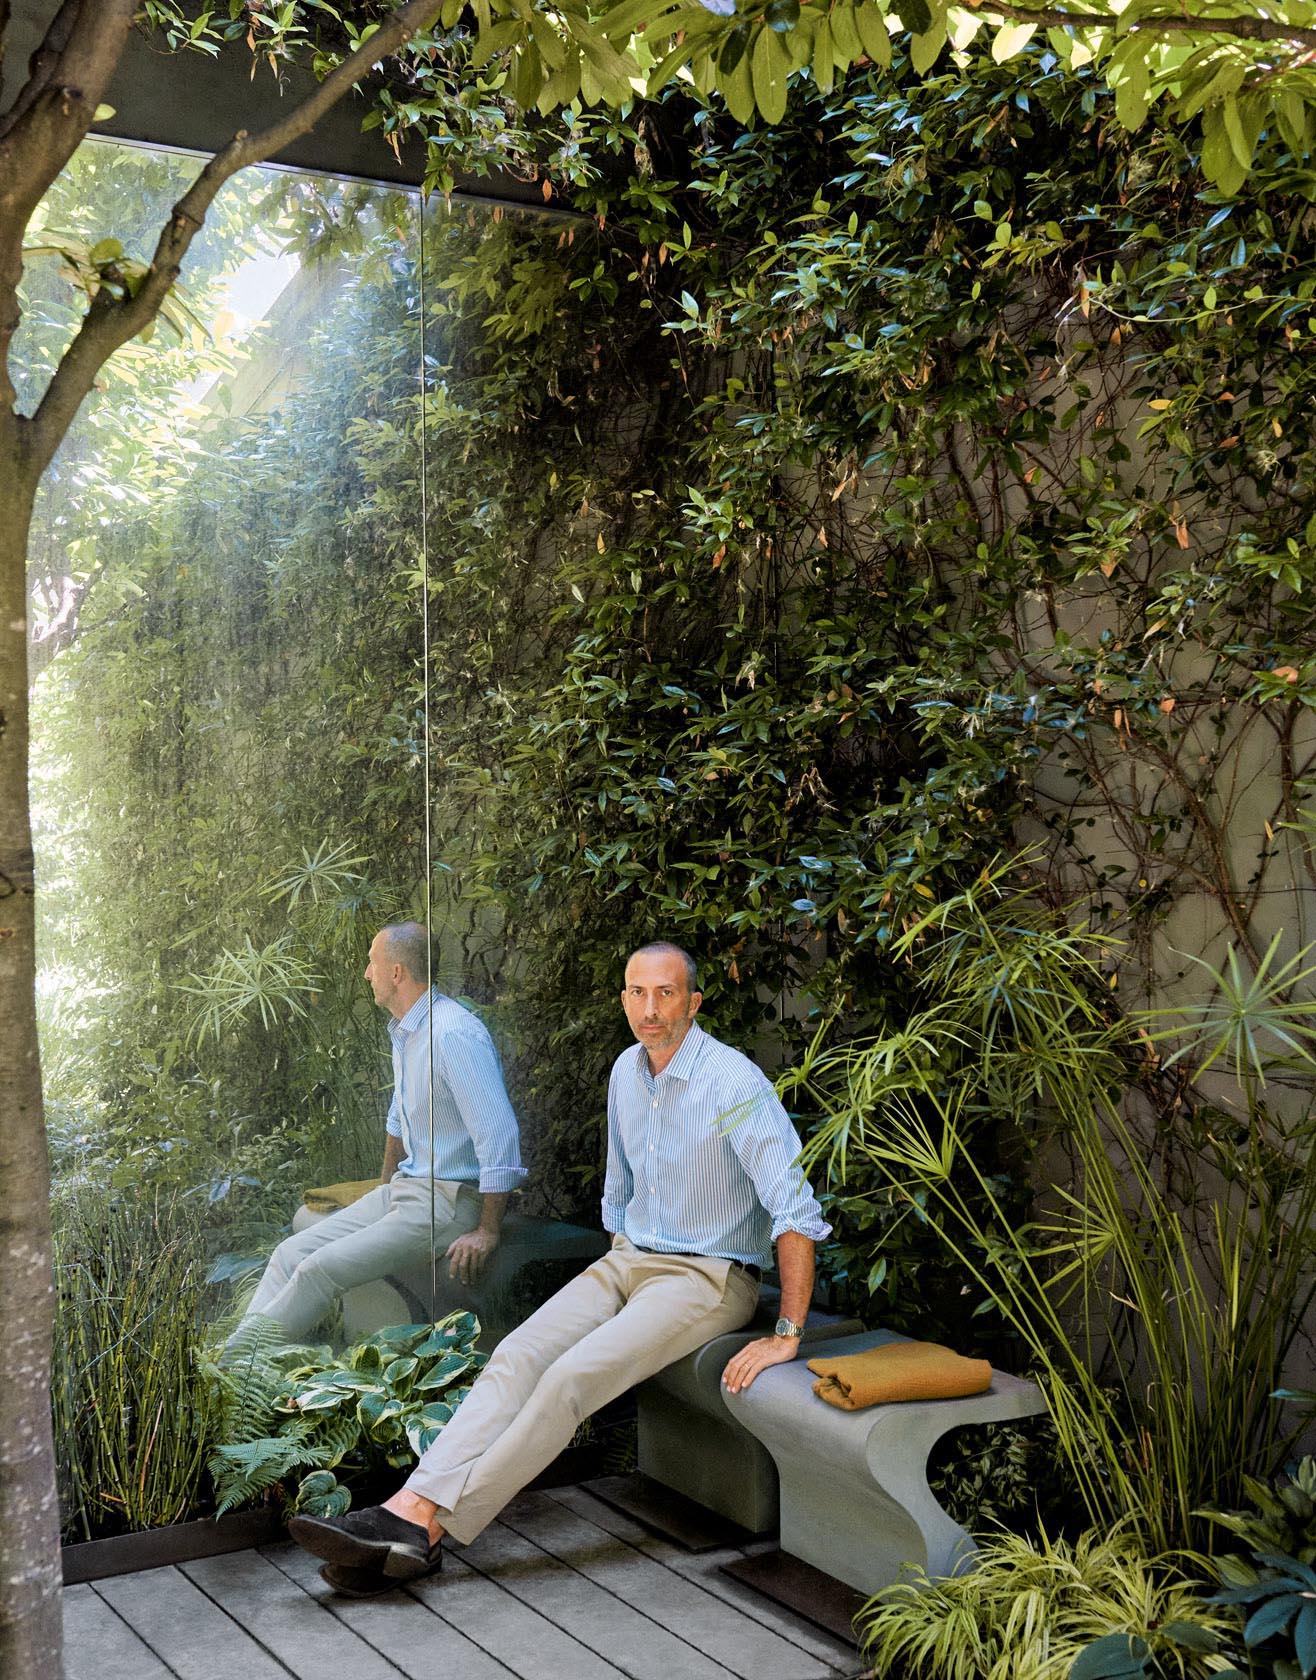 La casa (e il giardino meraviglioso) del signor Molino Pasini – Foto